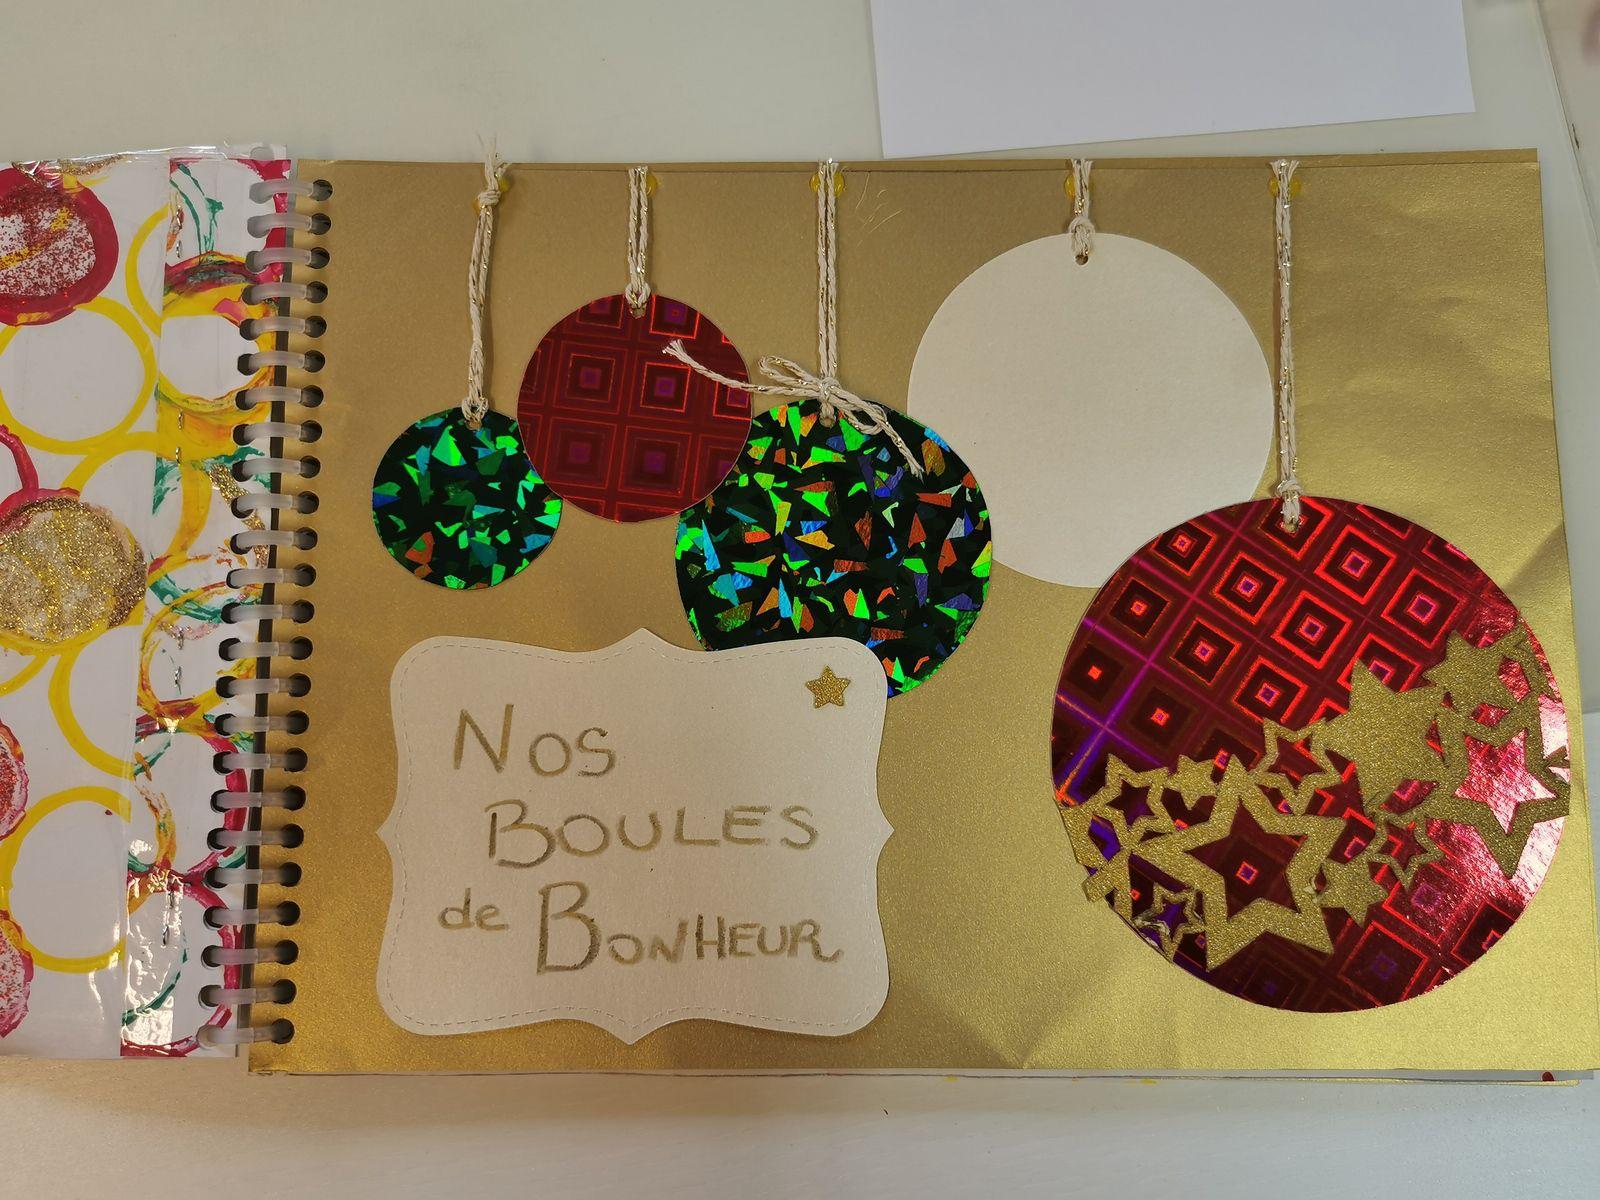 Un calendrier de l'avent construit au fil des jours avec des mots de chacun dans chaque boule ou chaque botte et un très beau carnet qui raconte par des couleurs nos sentiments en cette période de Noël.